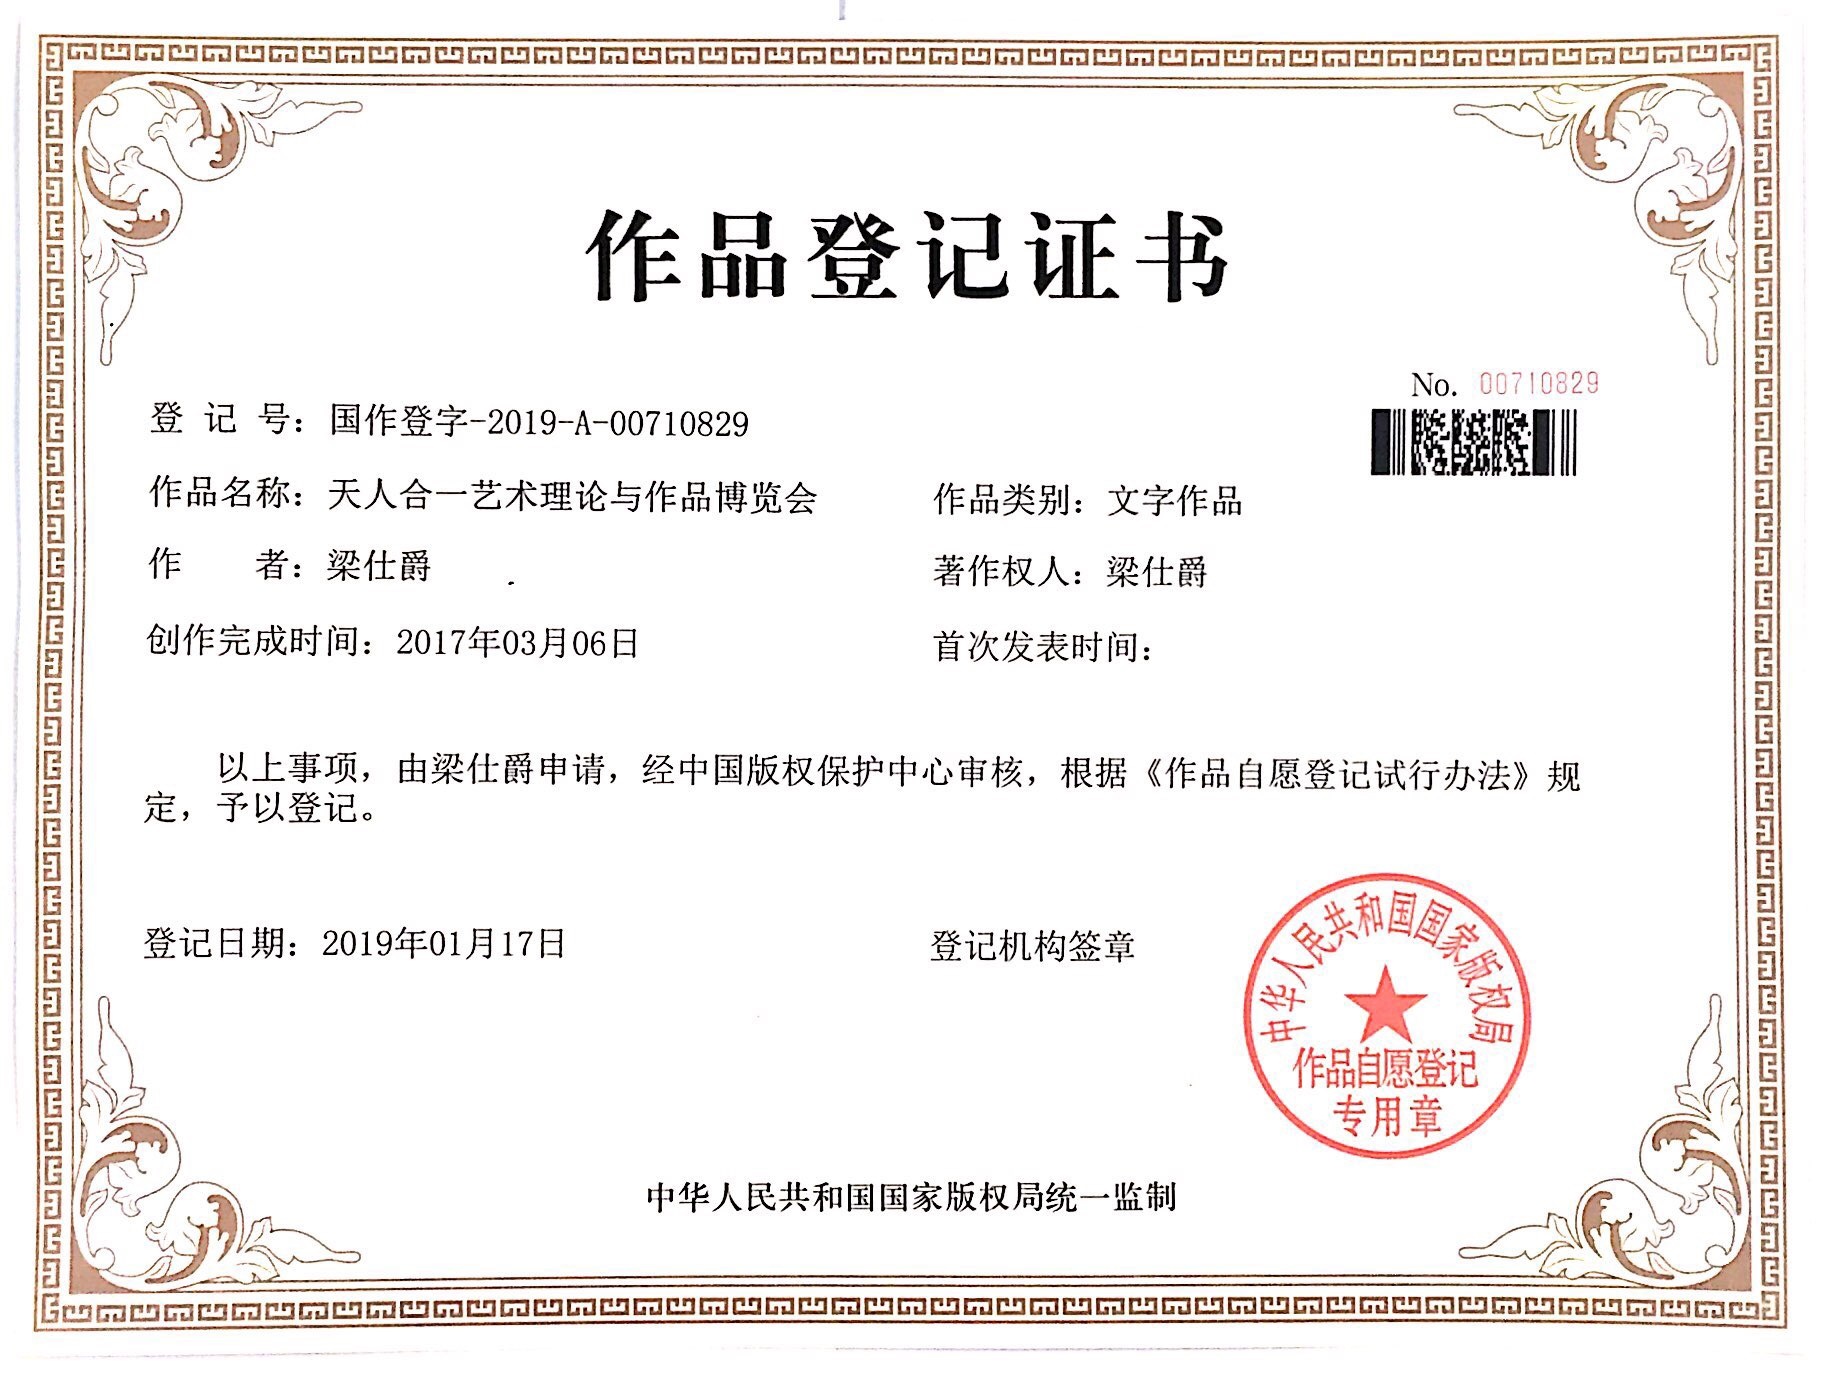 天爵奇观博物馆--作品登记证书